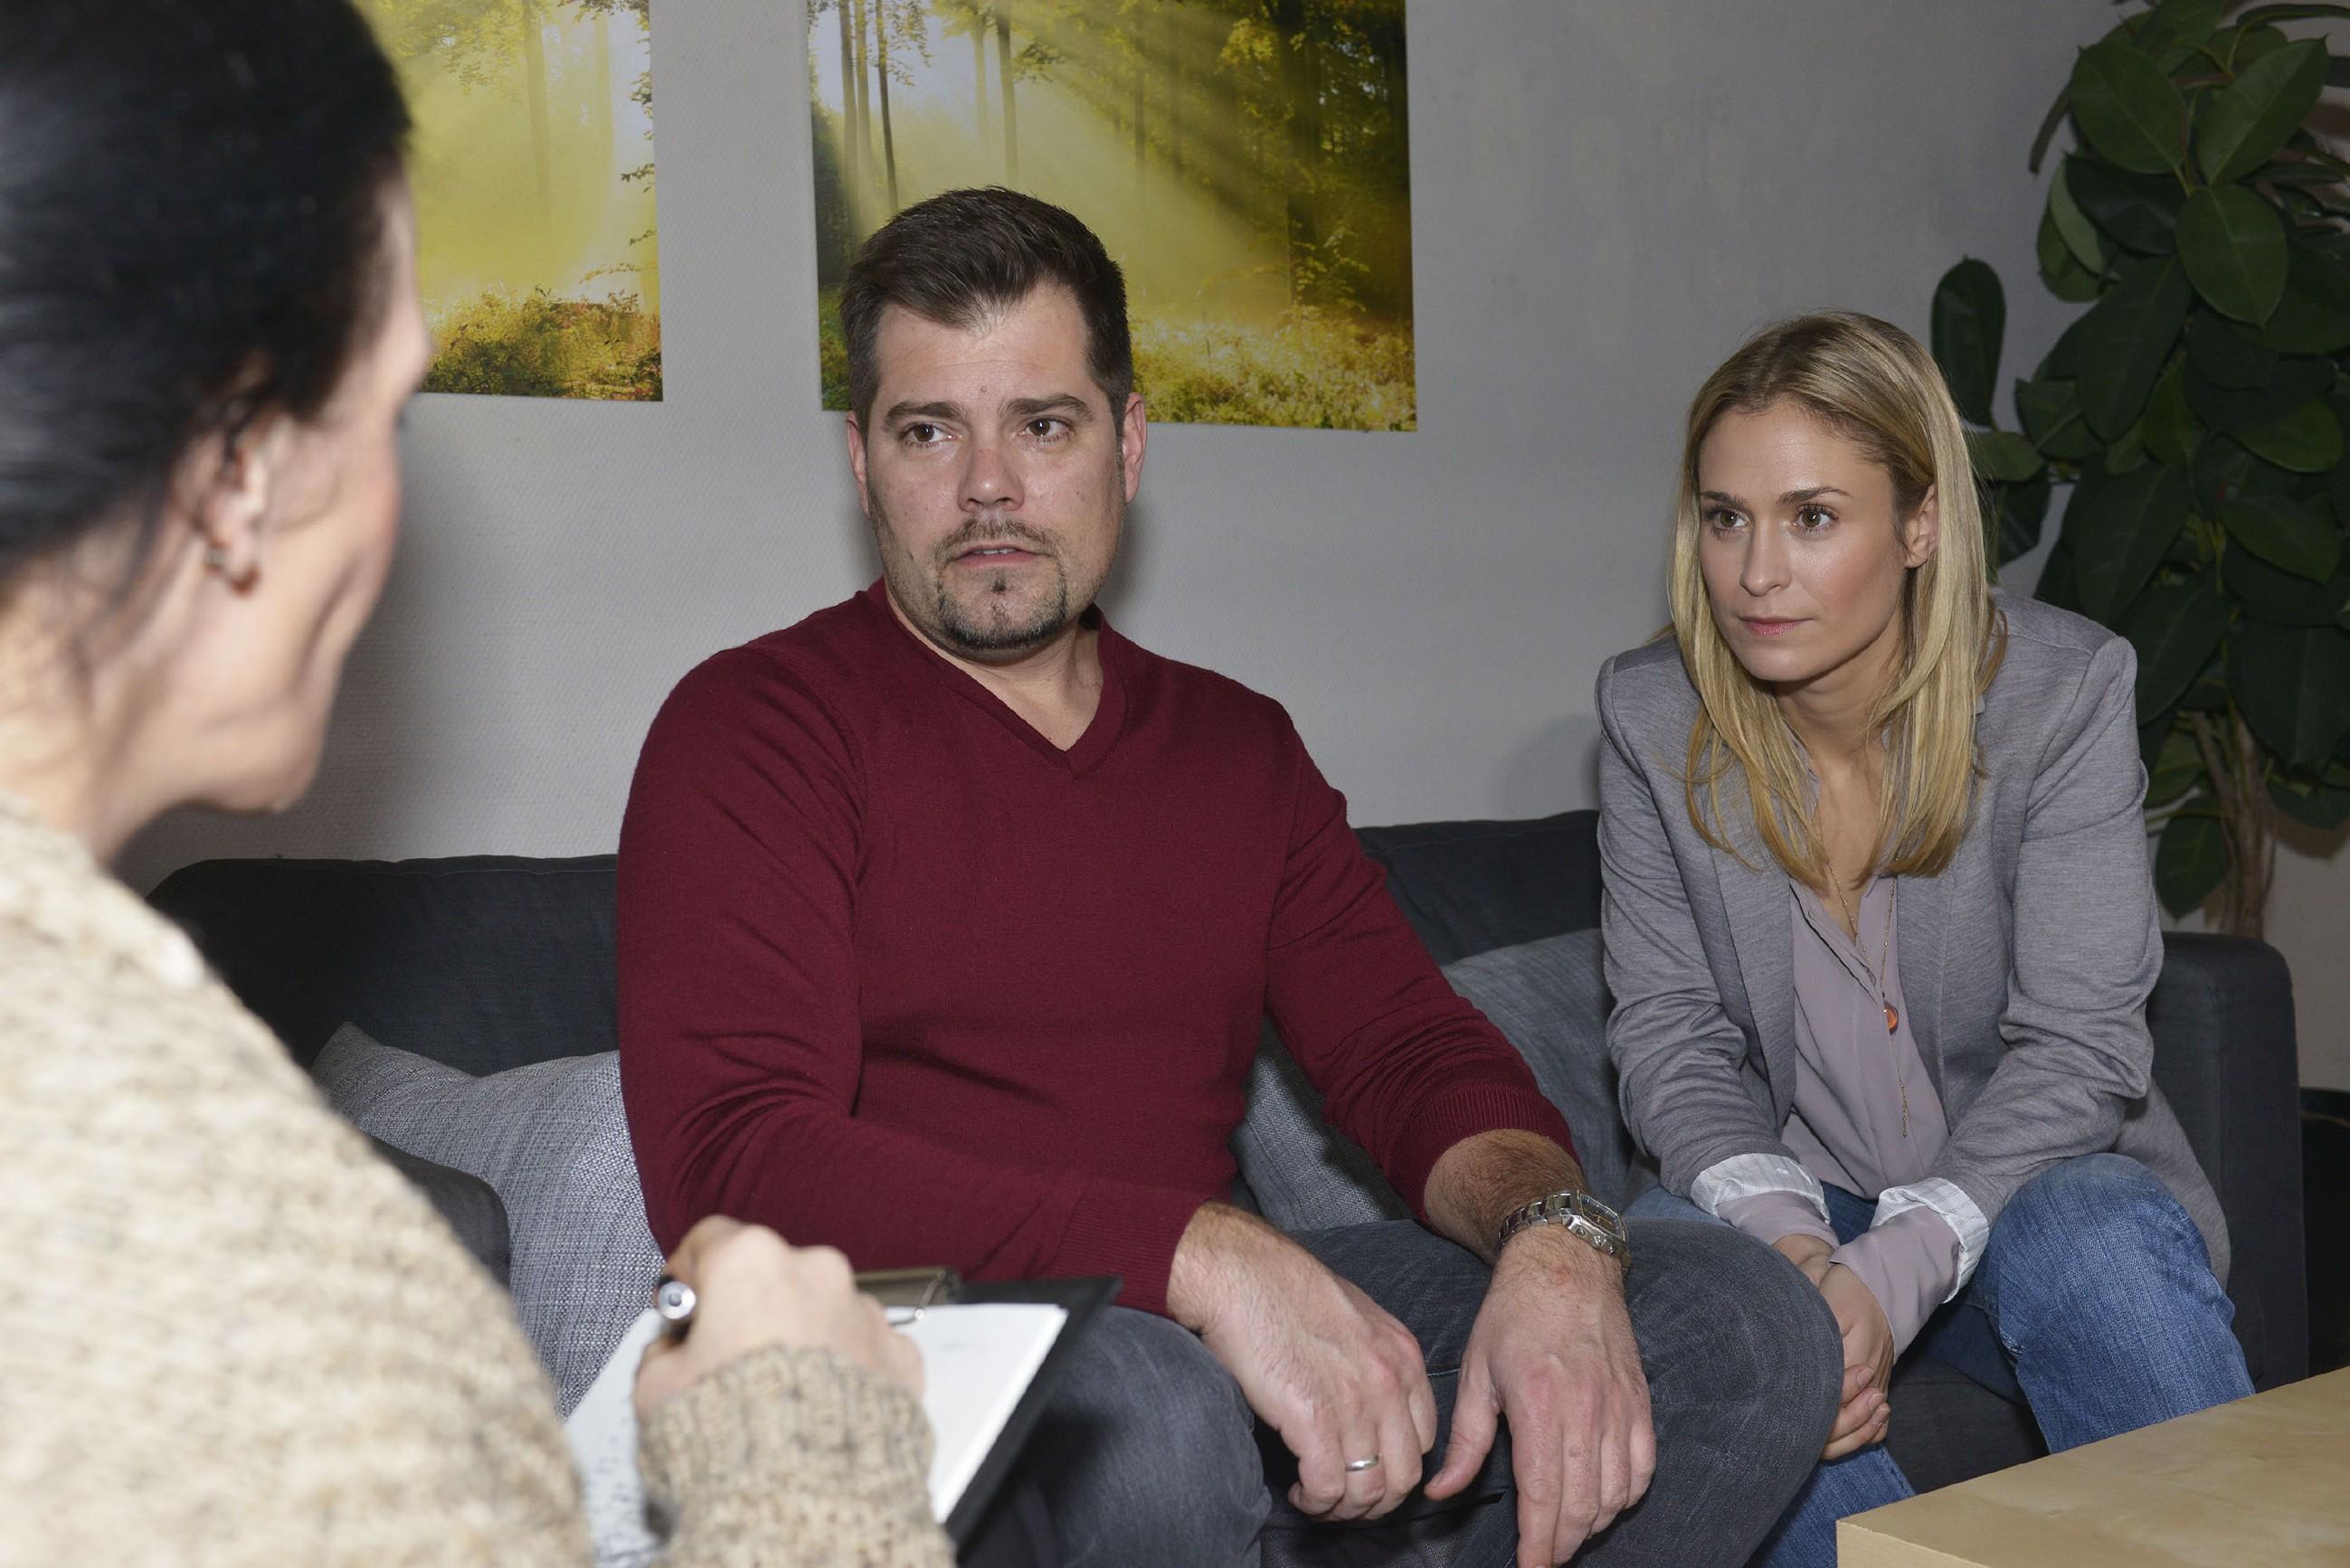 Während für Sophie (Lea Marlen Woitack) die Therapie-Sitzung etwas Befreiendes hat, wird Leon (Daniel Fehlow) jedoch schmerzhaft bewusst, wie sehr er sich nach Lenis Tod im Stich gelassen gefühlt hat... (Foto: RTL / Rolf Baumgartner)